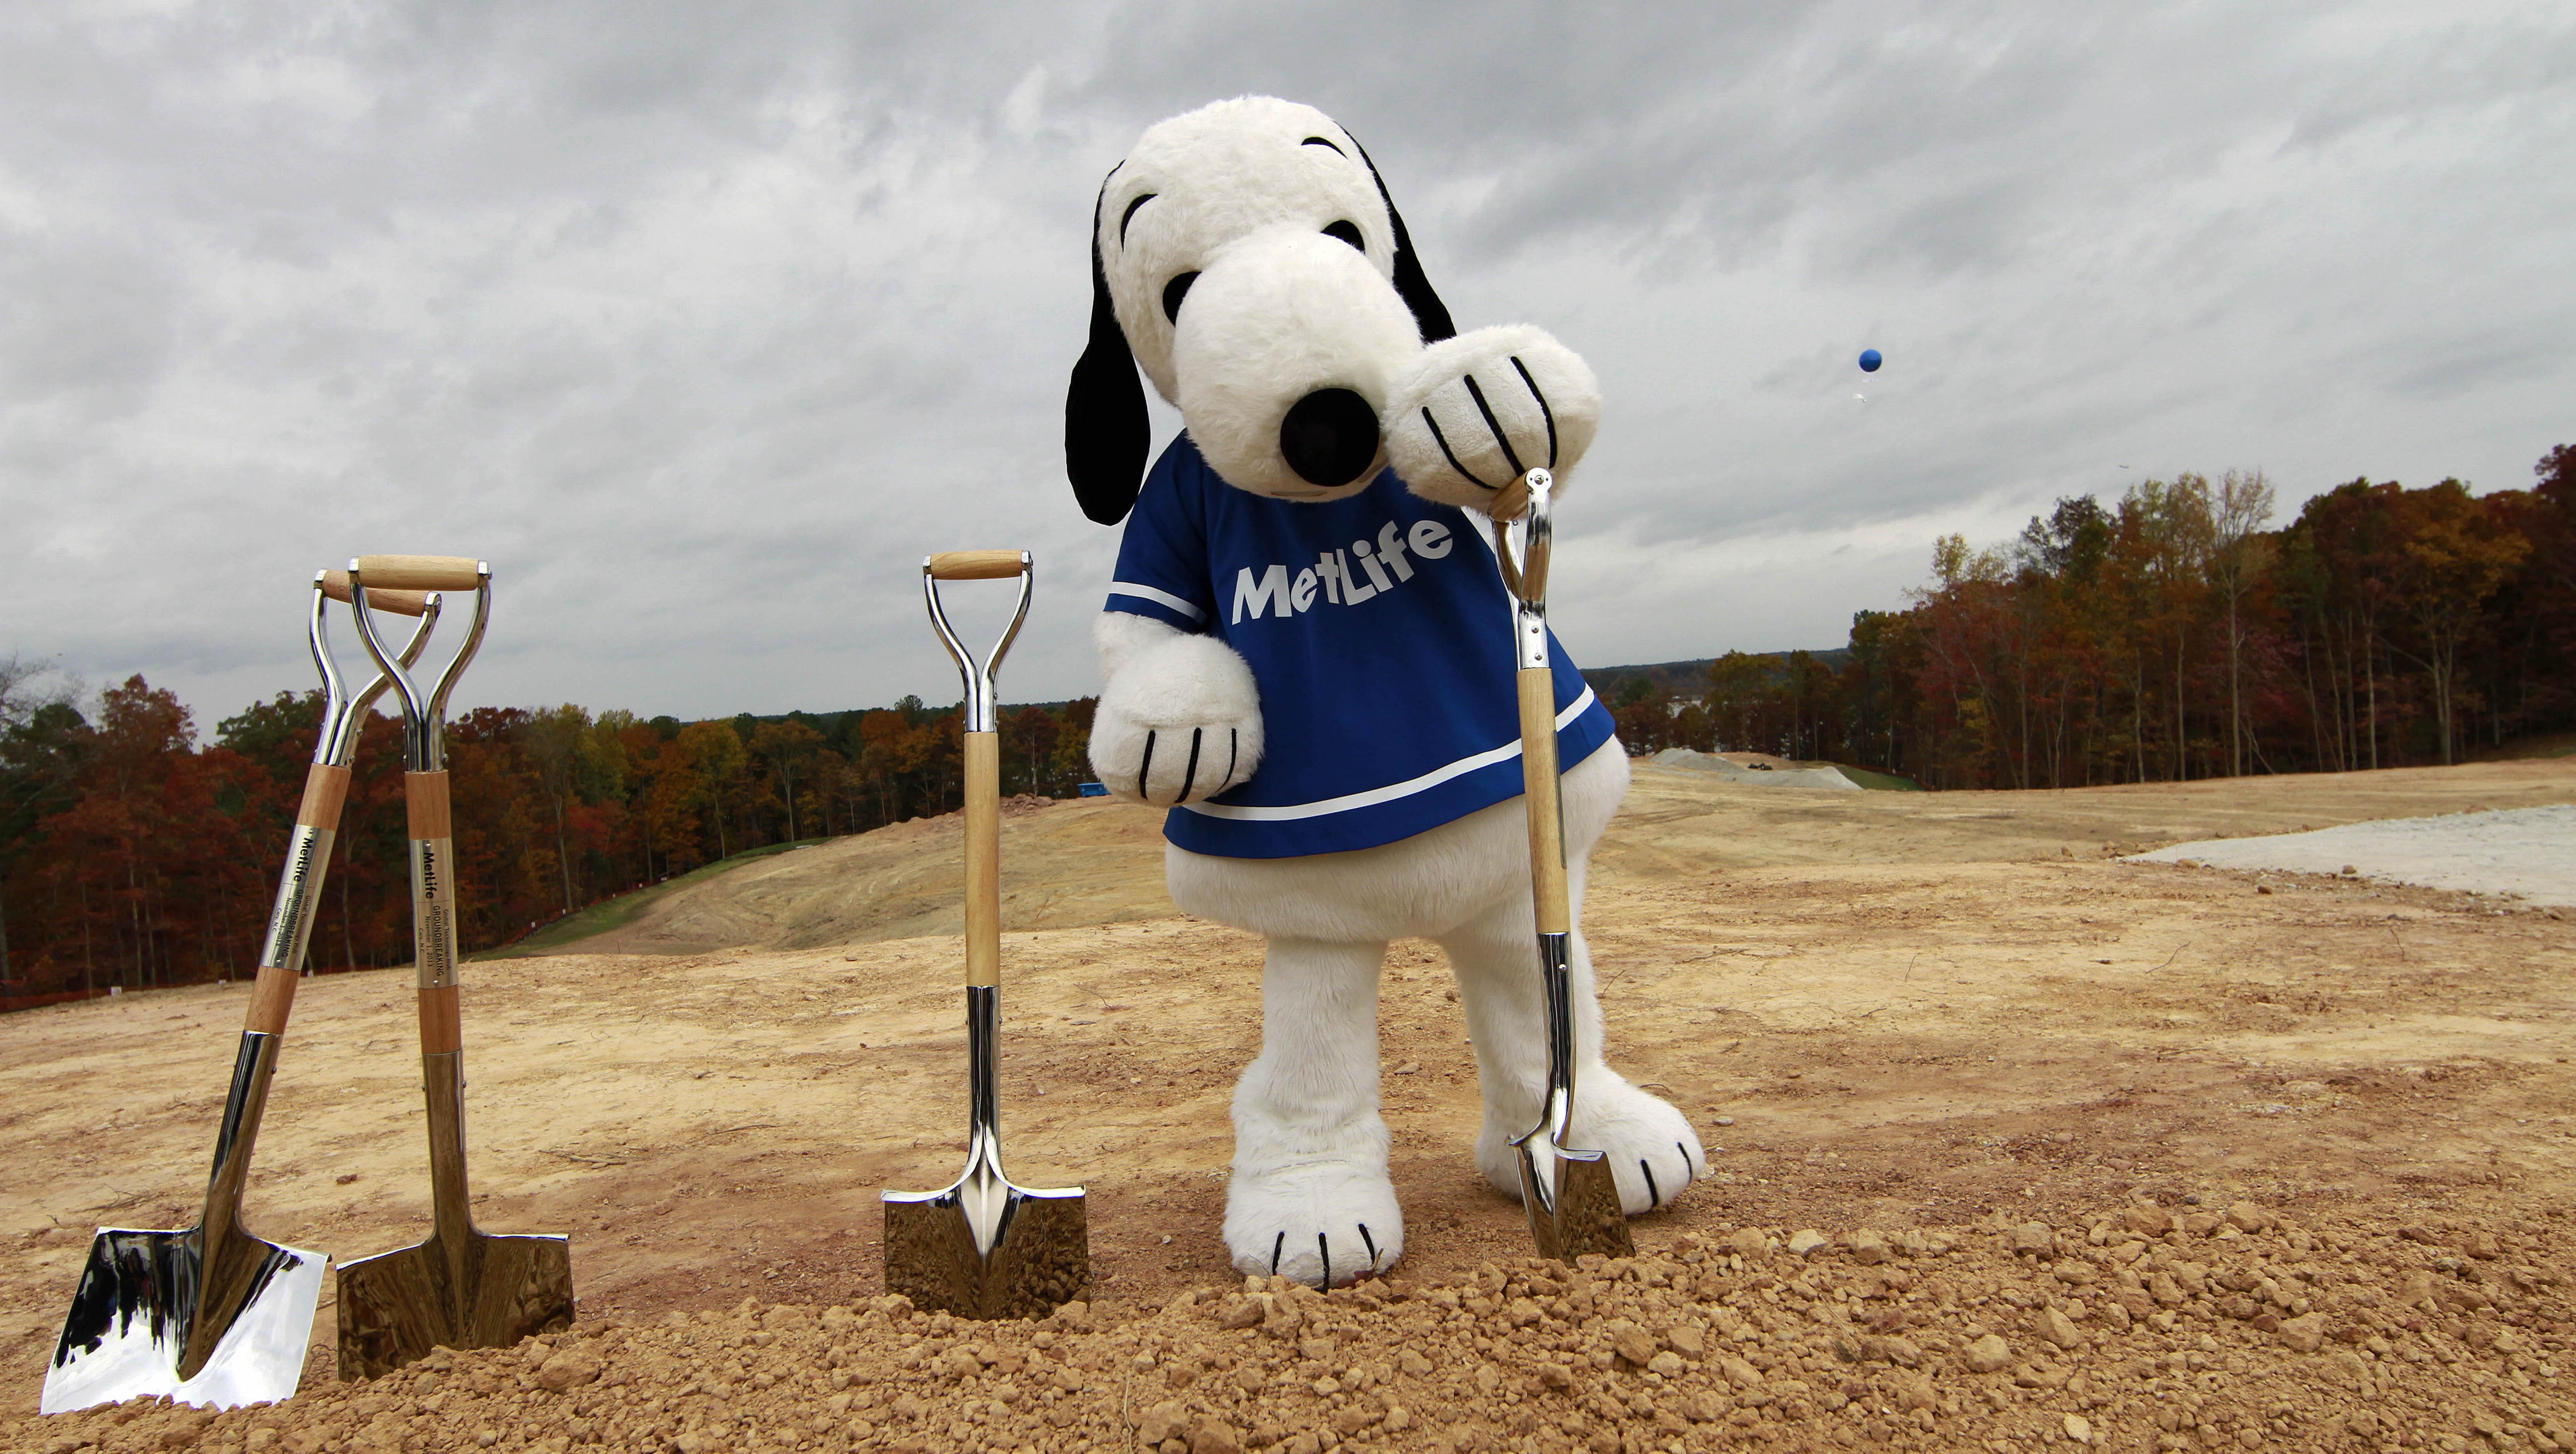 MetLife is firing Snoopy